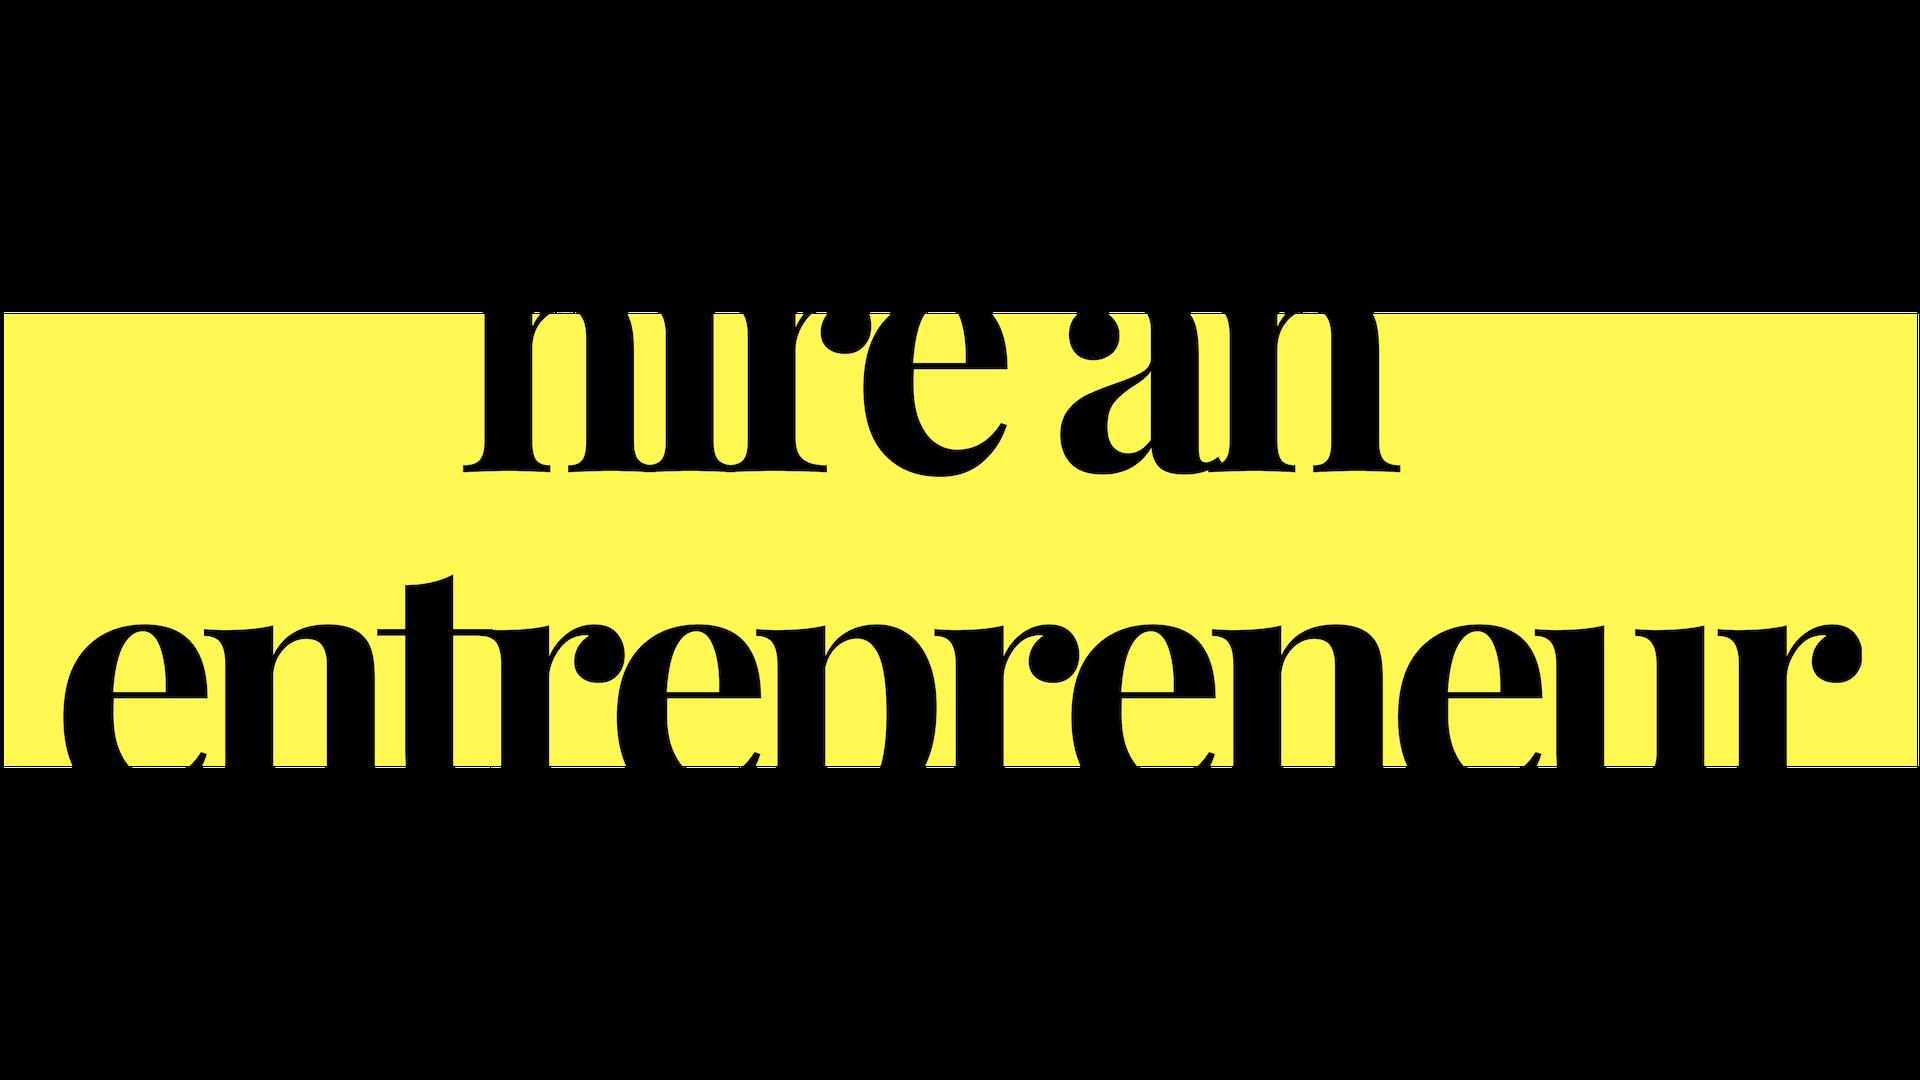 hire an entrepreneur.png